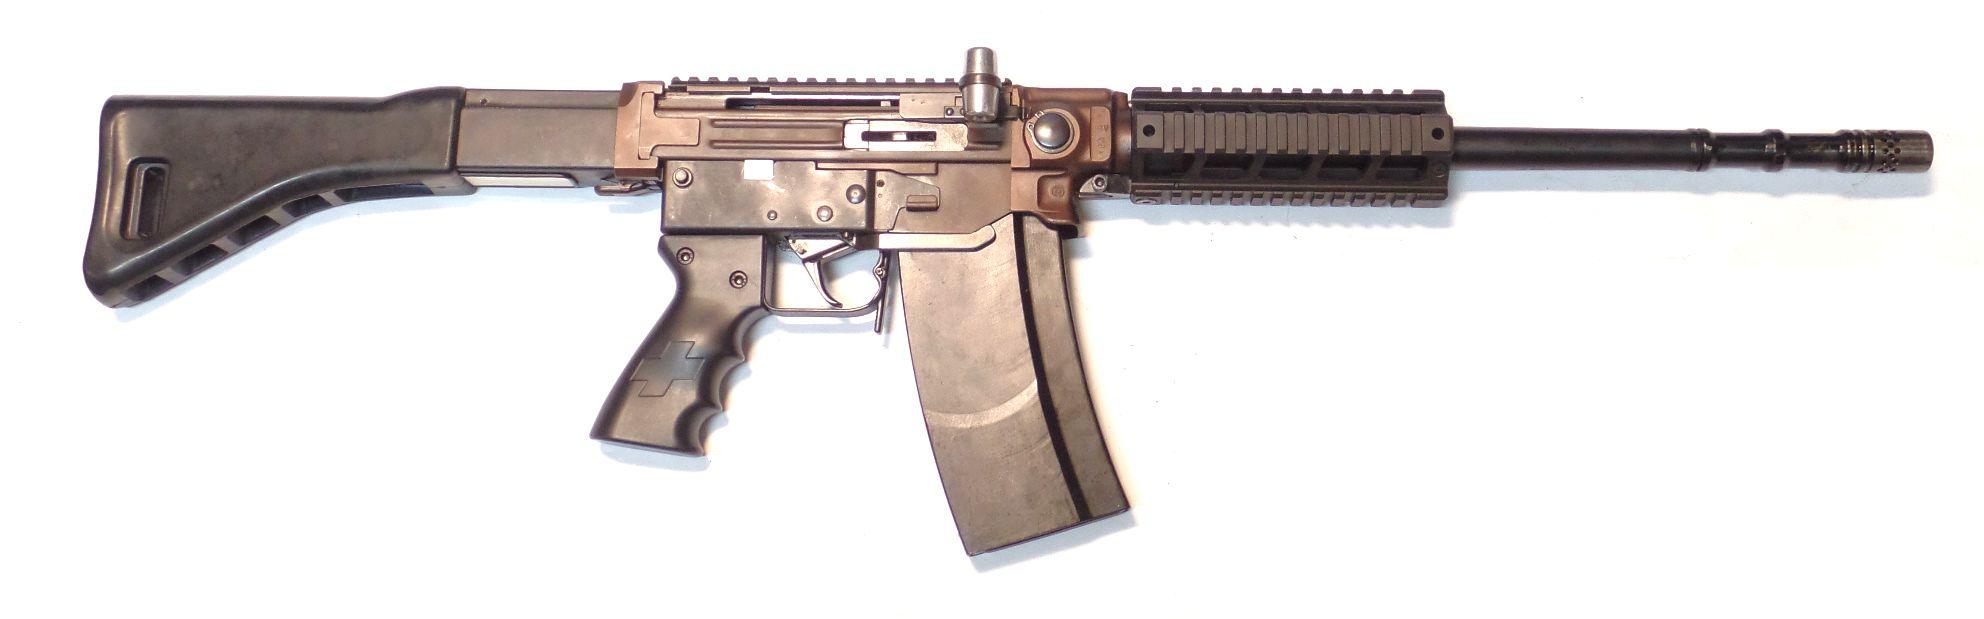 SIG - STG57 Commando calibre 7.5x55